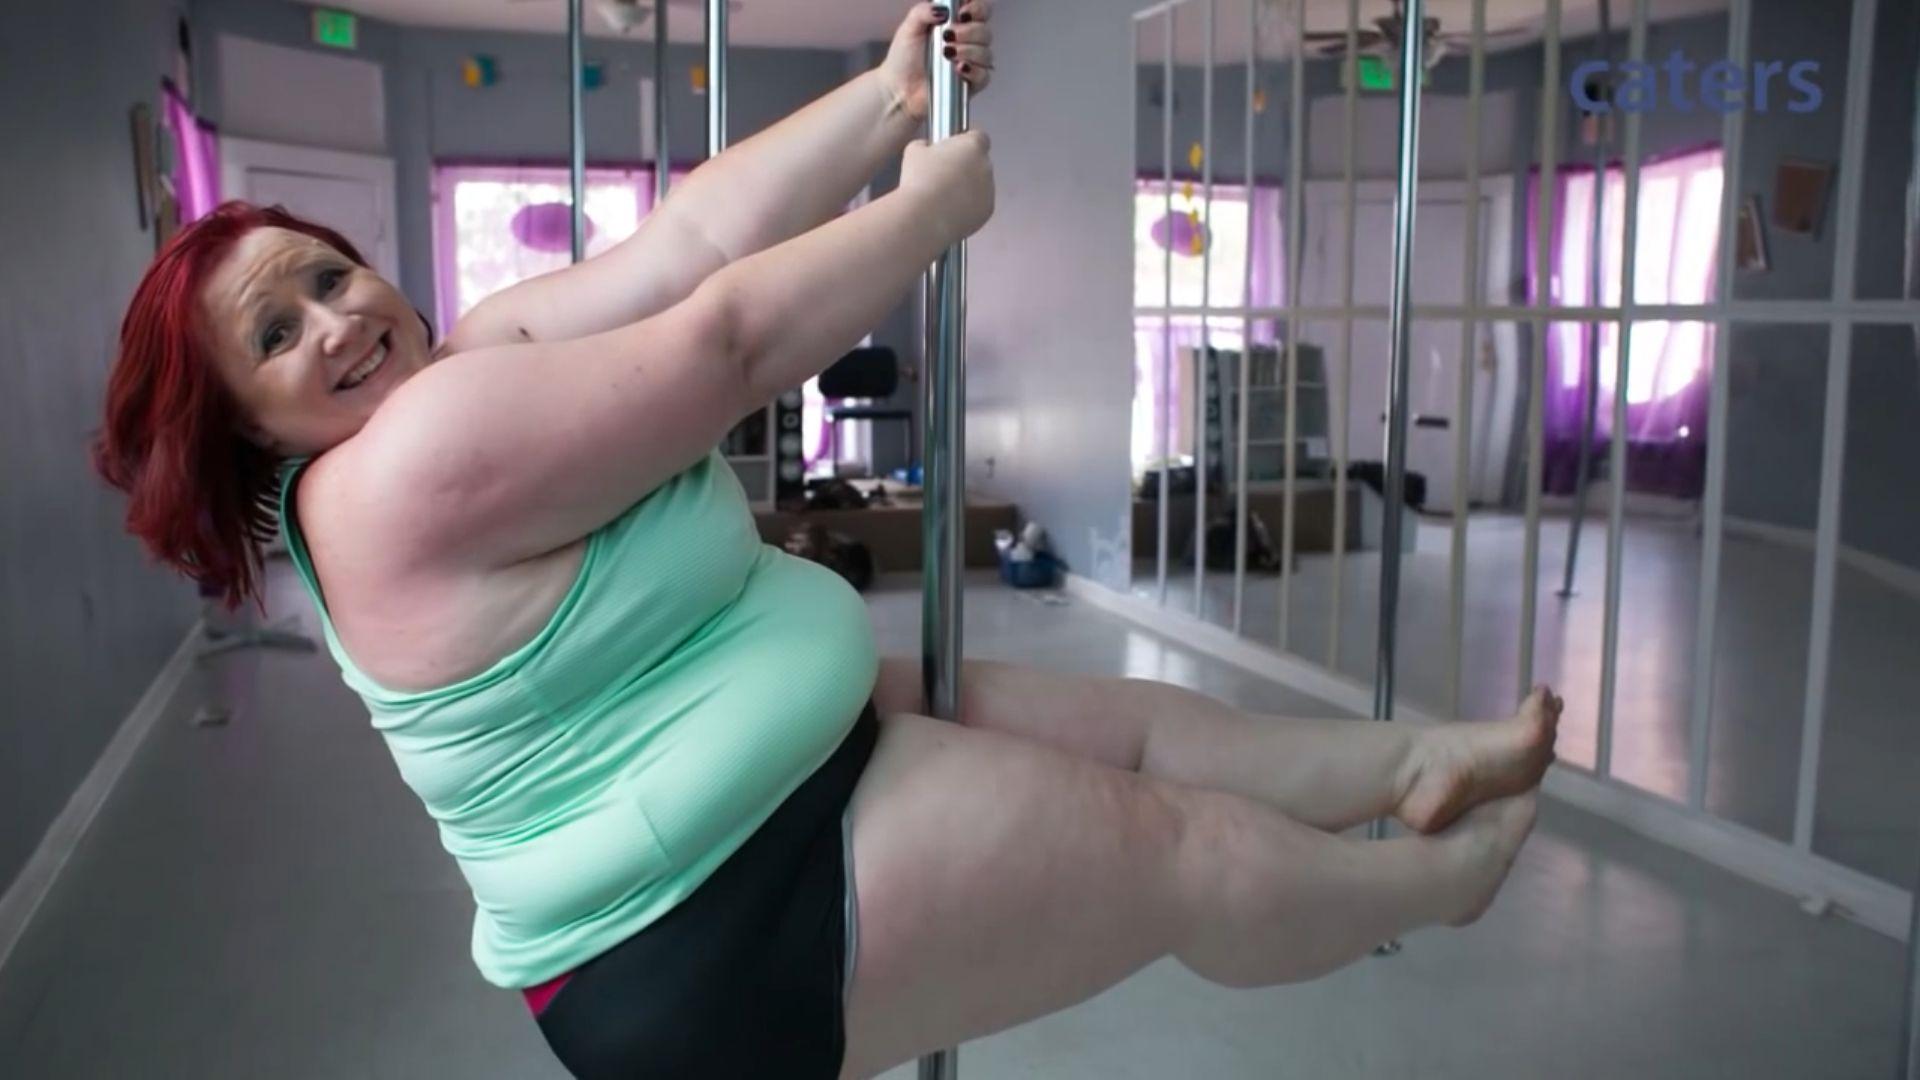 Внимание! Най-дебелата танцьорка на пилон в света (ВИДЕО)